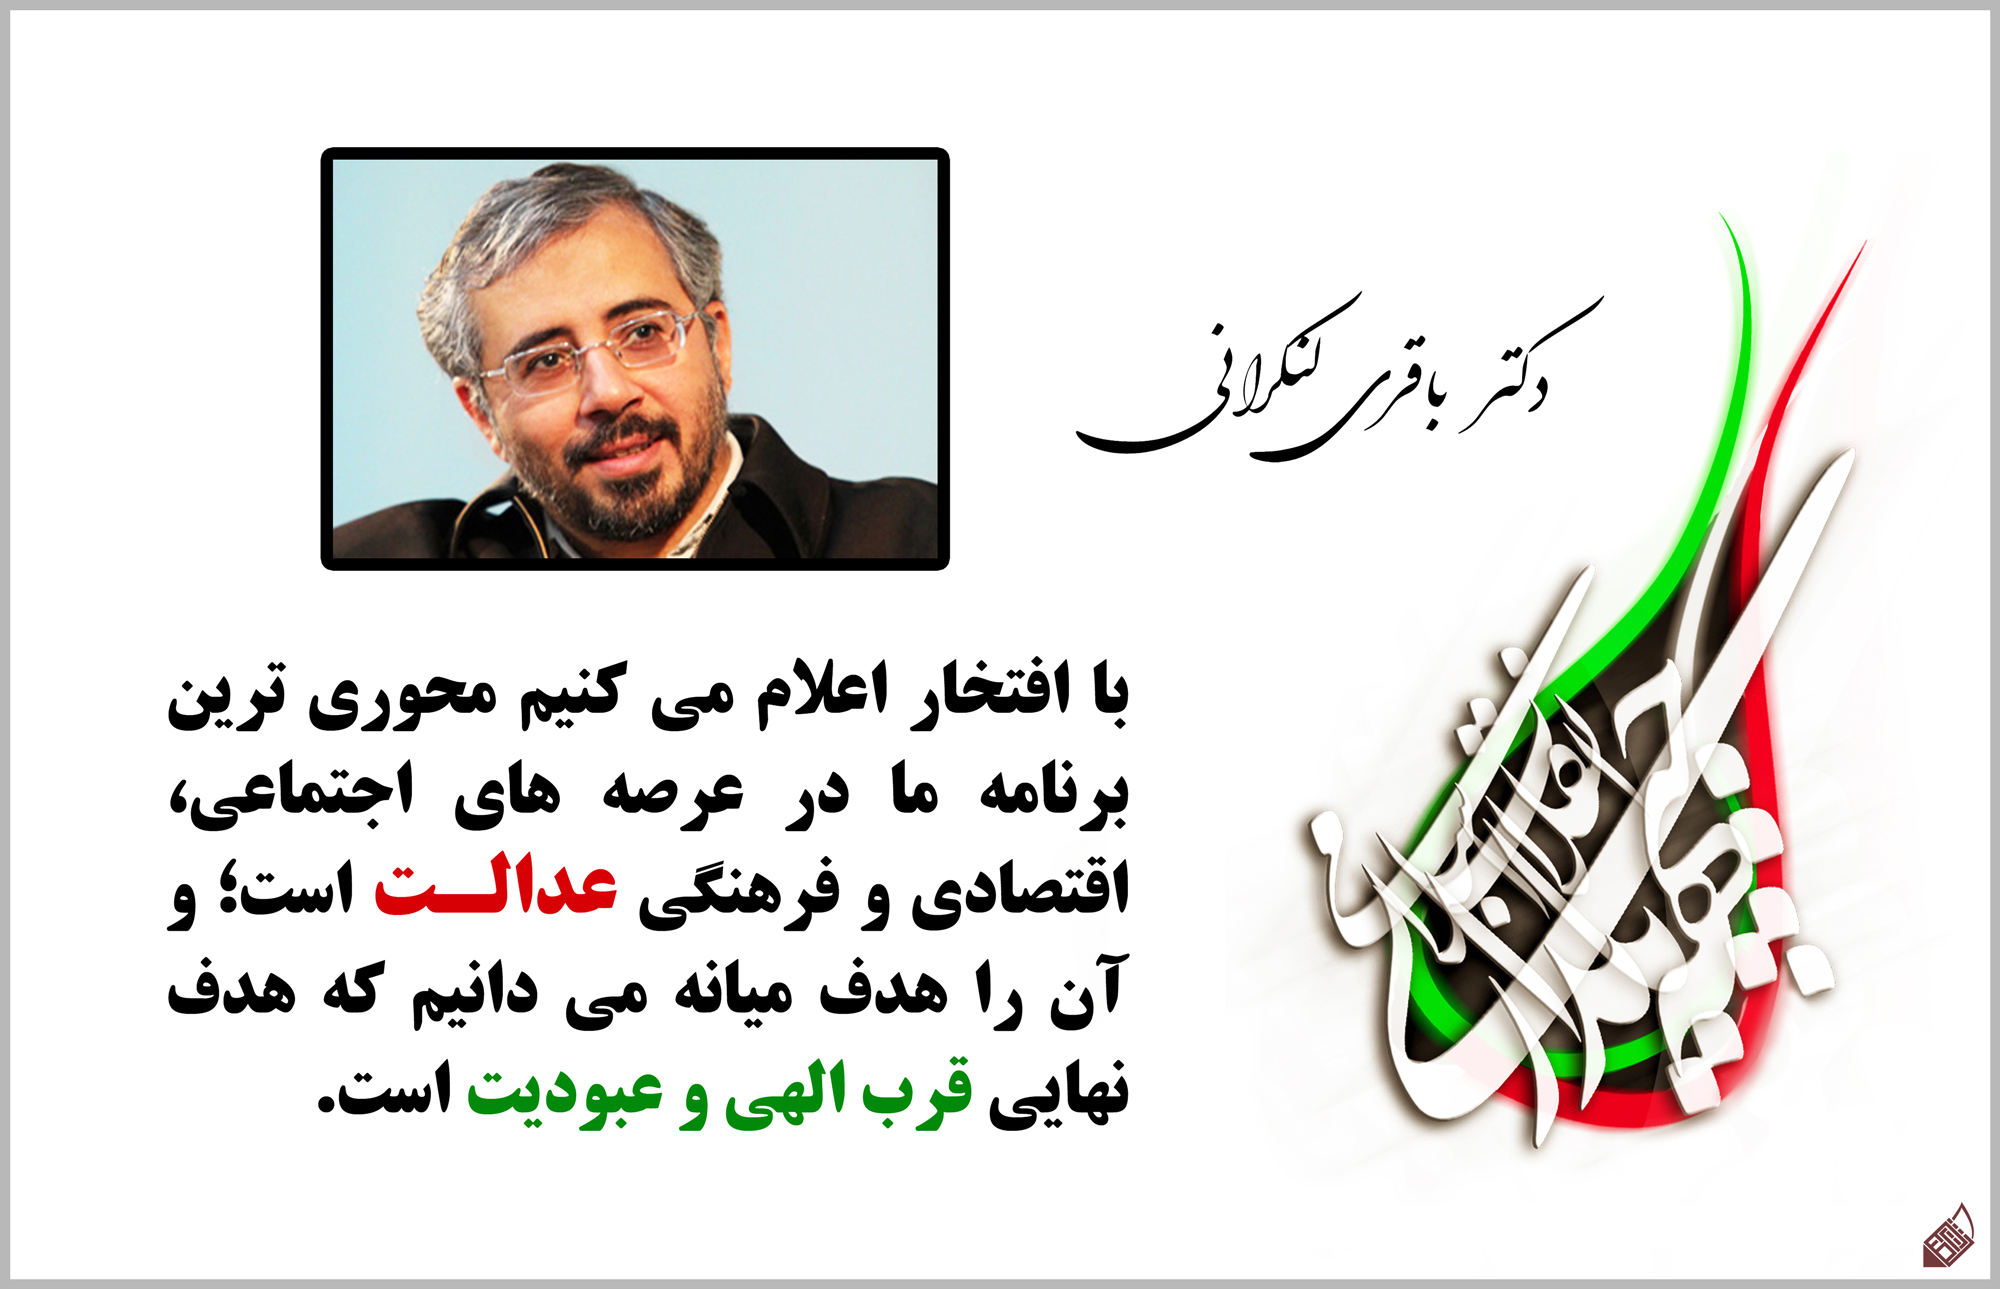 کامران باقری لنکرانی پوستر عکس جبهه پایداری عدالت عبودیت هدف نهایی